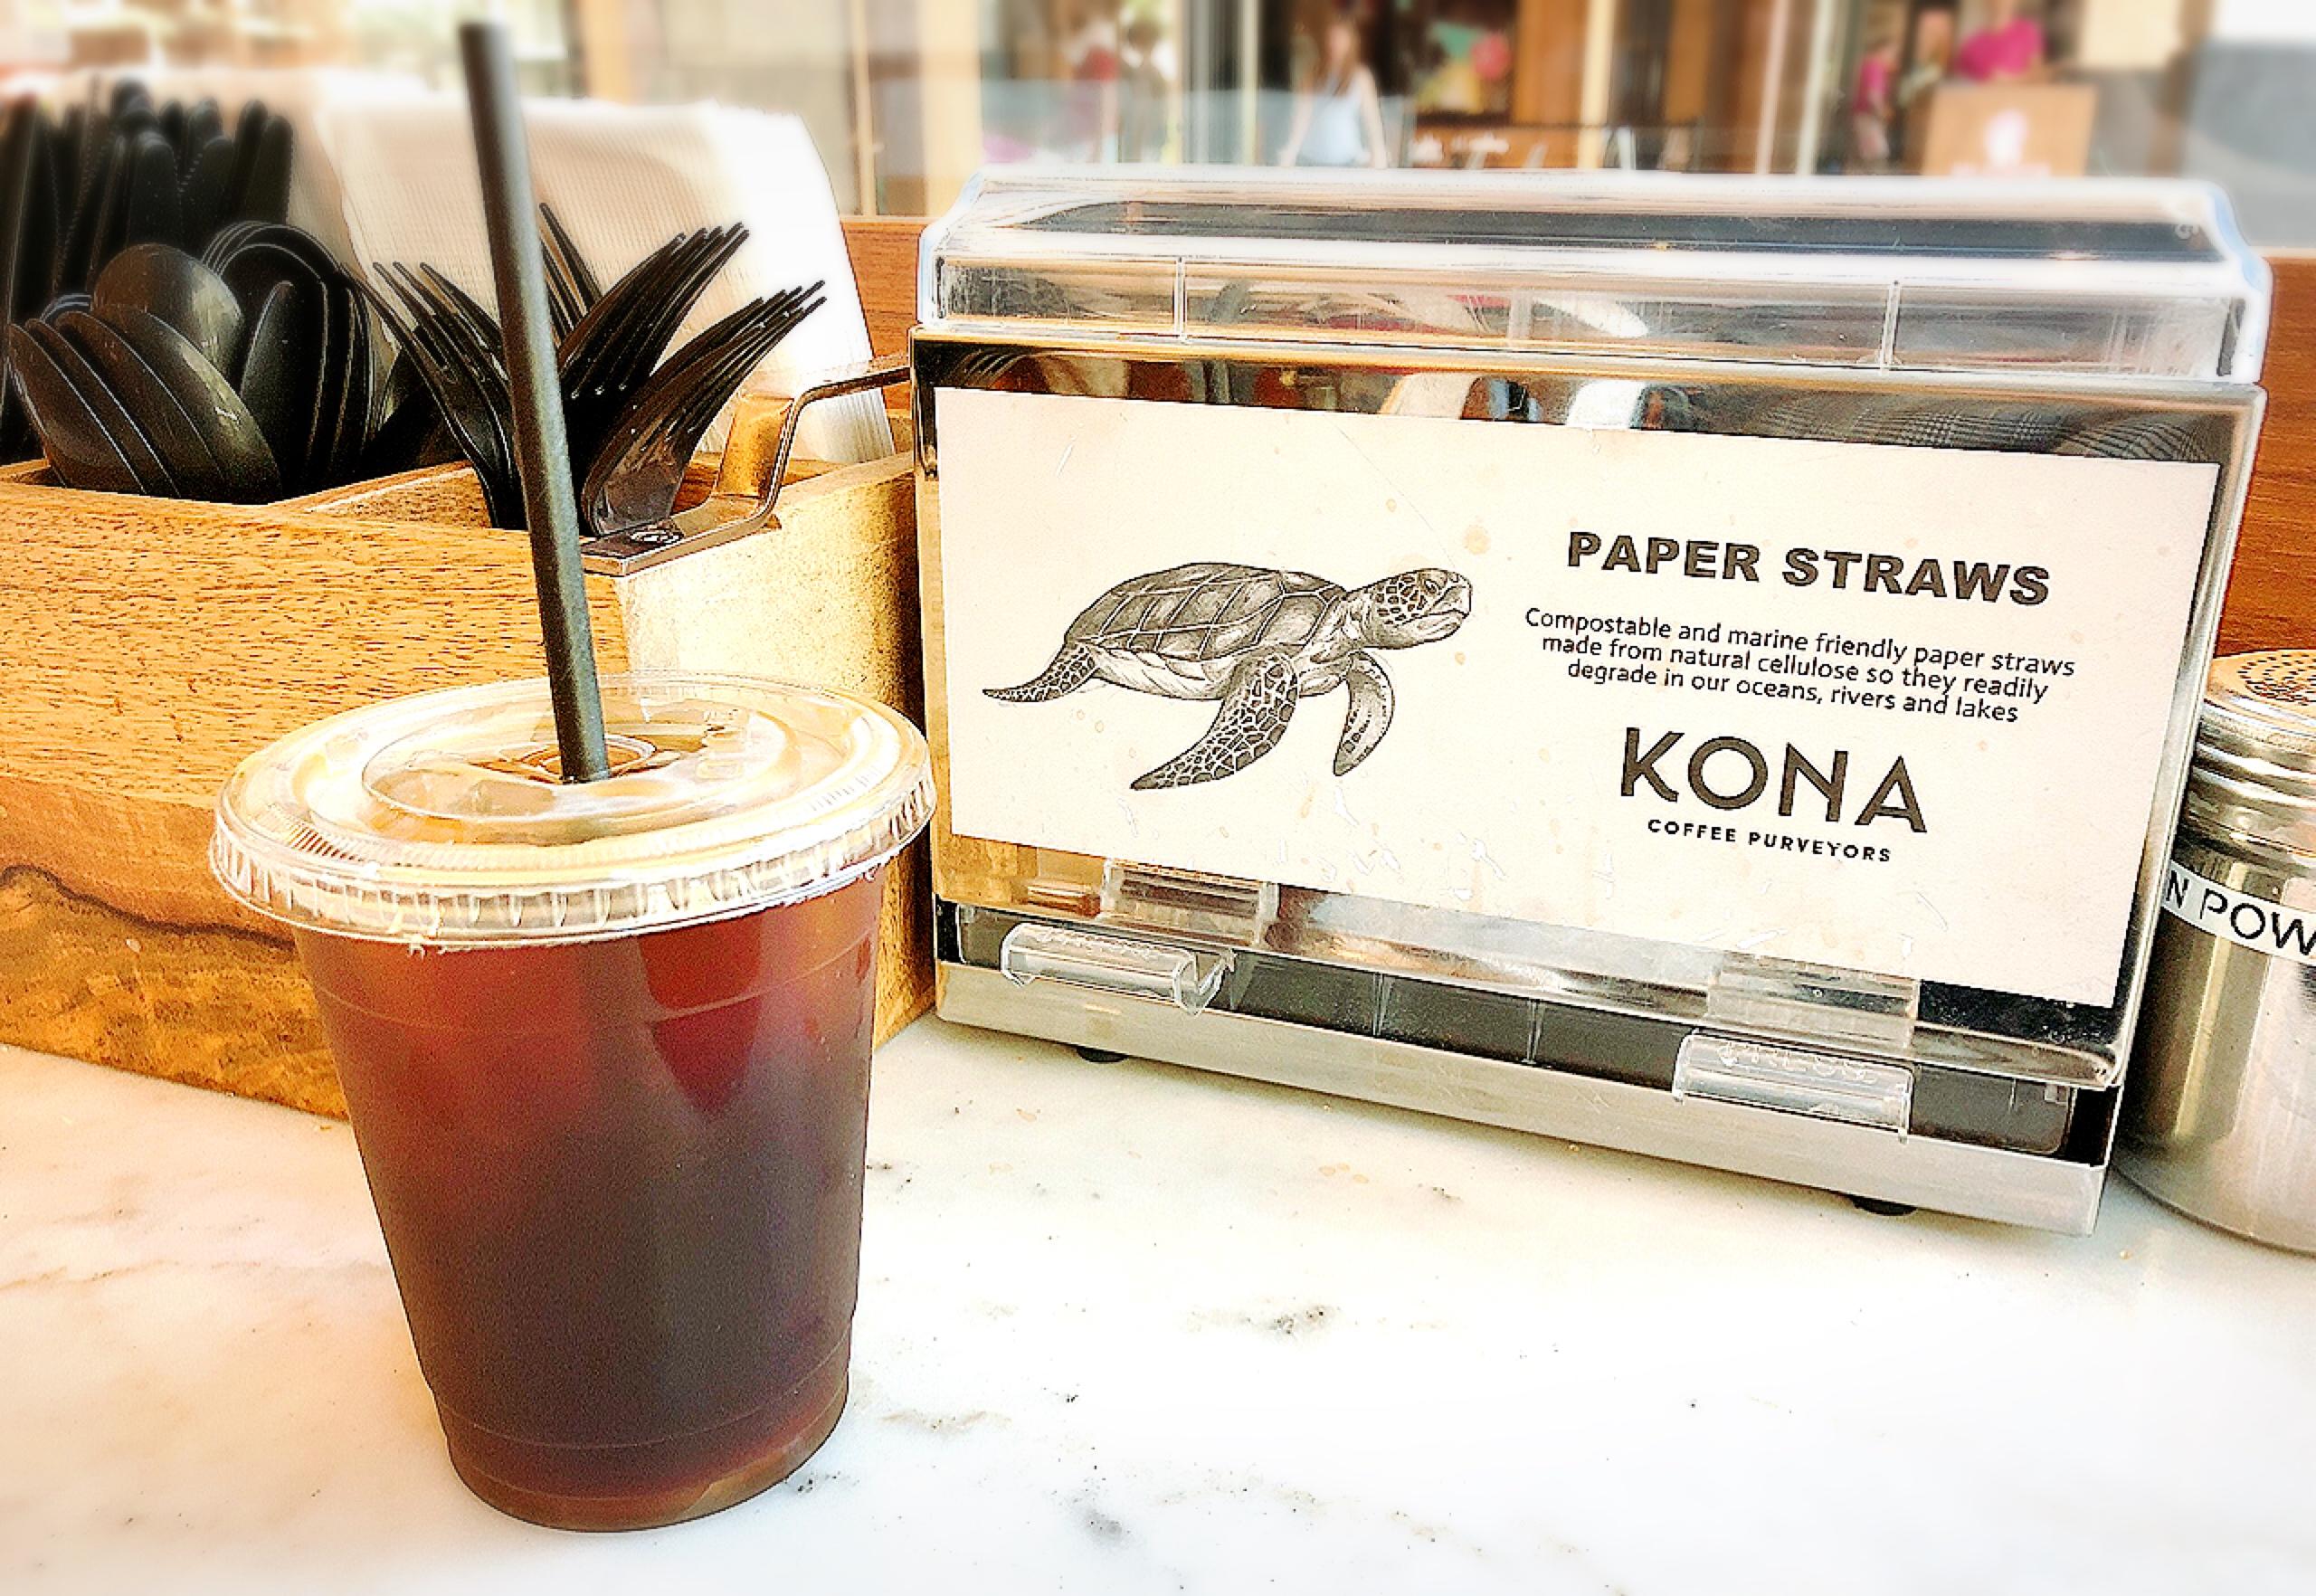 『星野リゾート 青森屋』へほっこり冬旅♪ ハワイのおしゃれなカフェもヒット!【今週のモアハピ部人気ランキング】_3_1